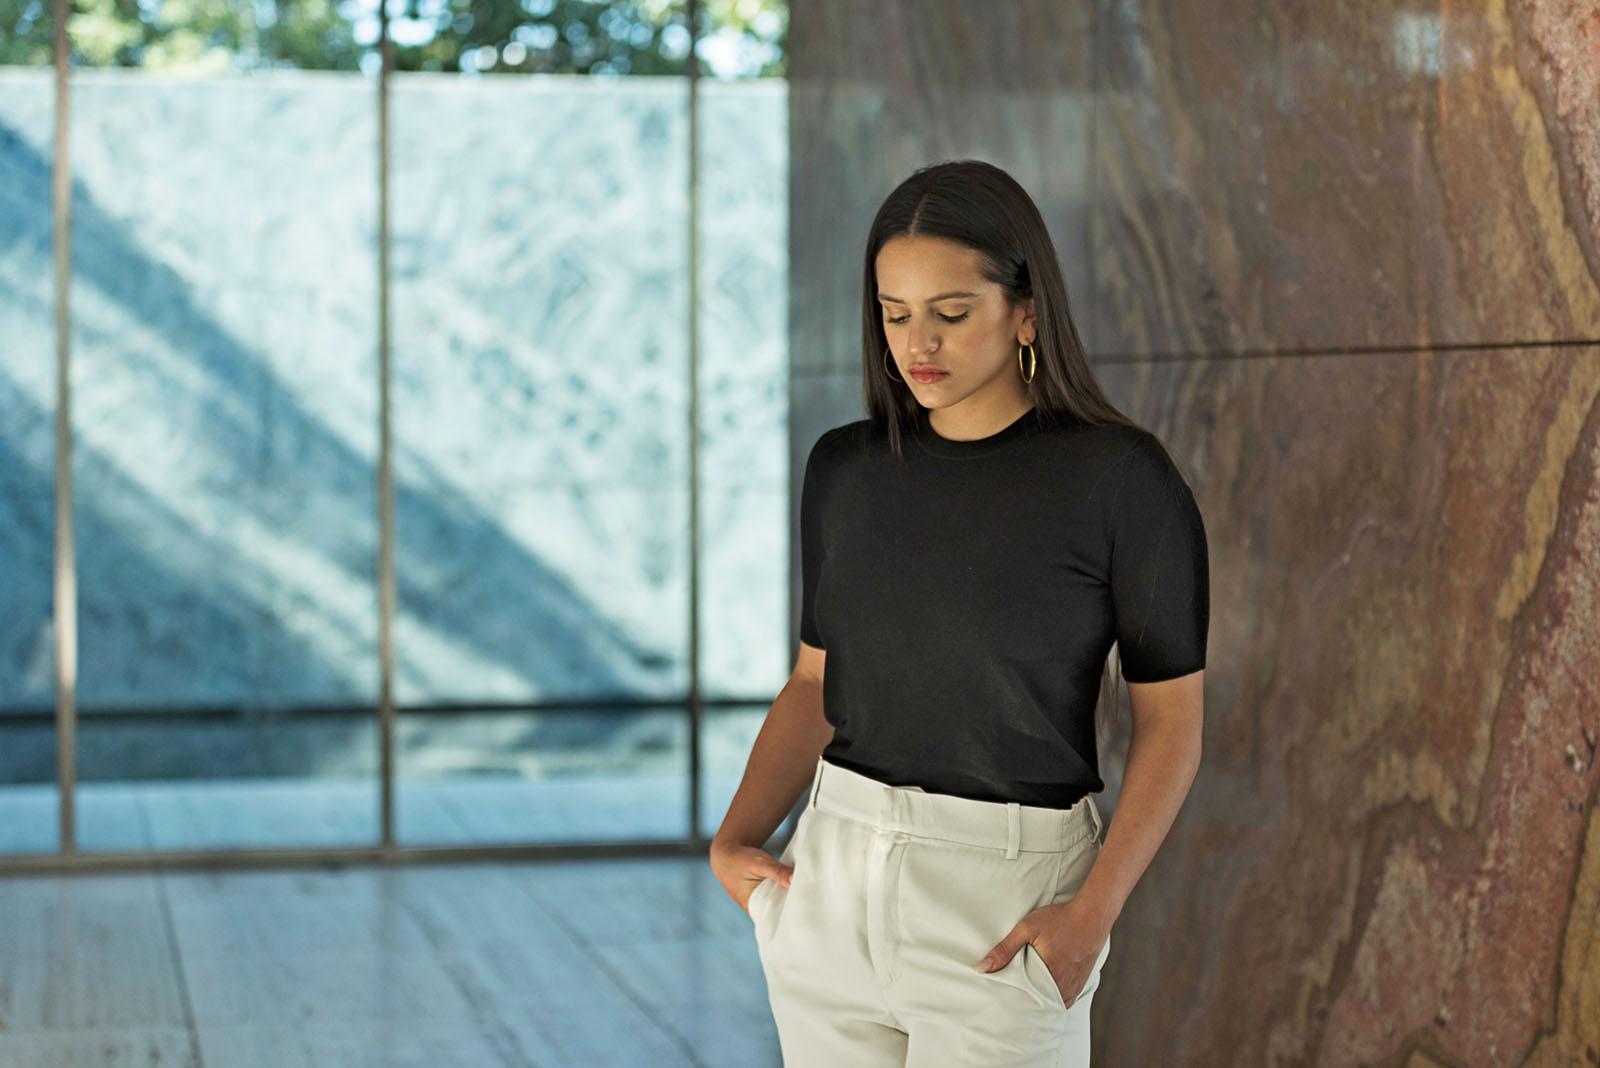 PÚBLICO - O flamenco pessoal de Rosalía é cru, primário e magnífico